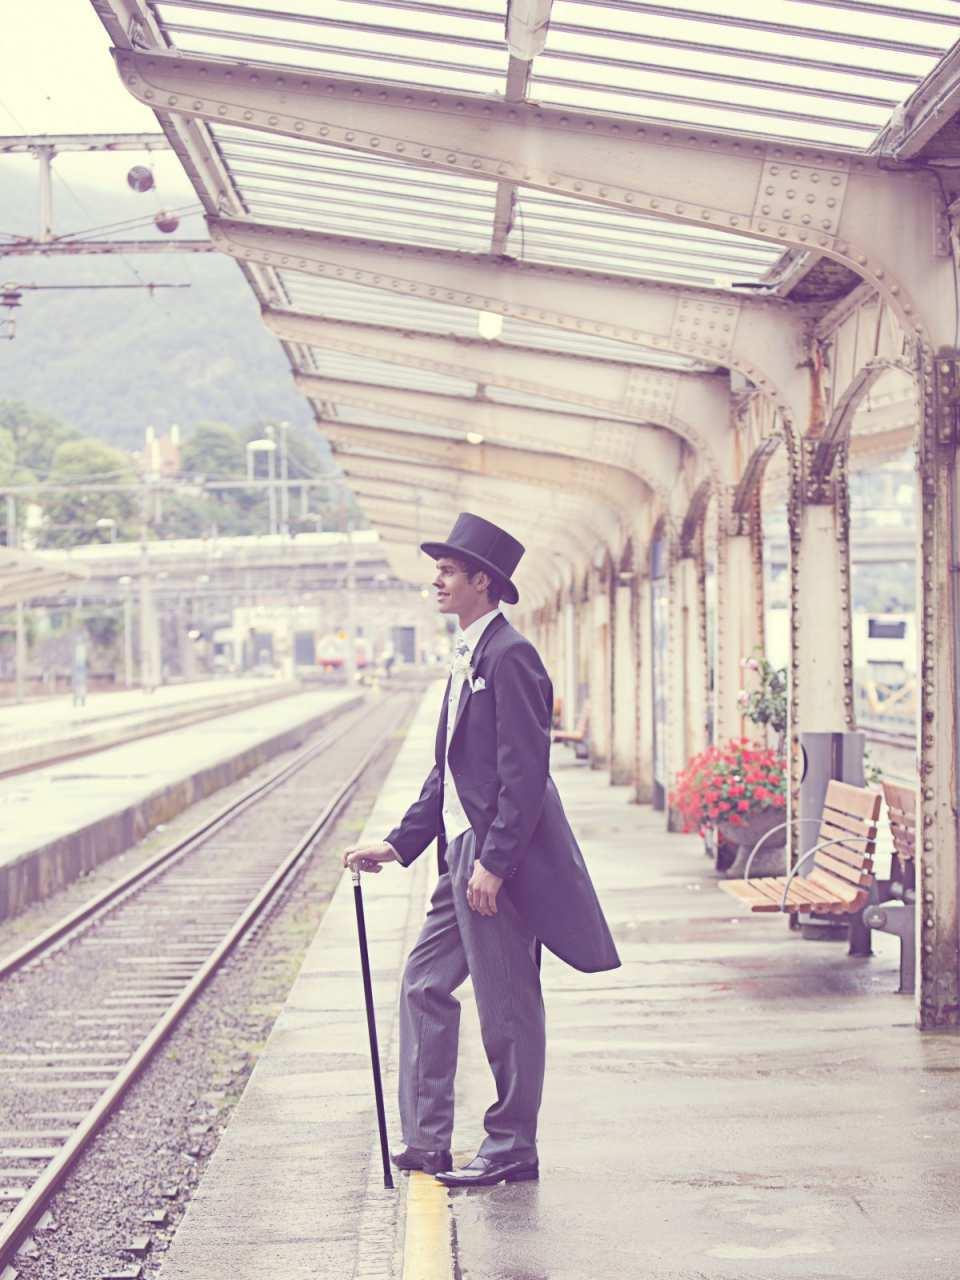 Bahnhöfe können der Ort der ersten Begegnung am Valentinstag sein.